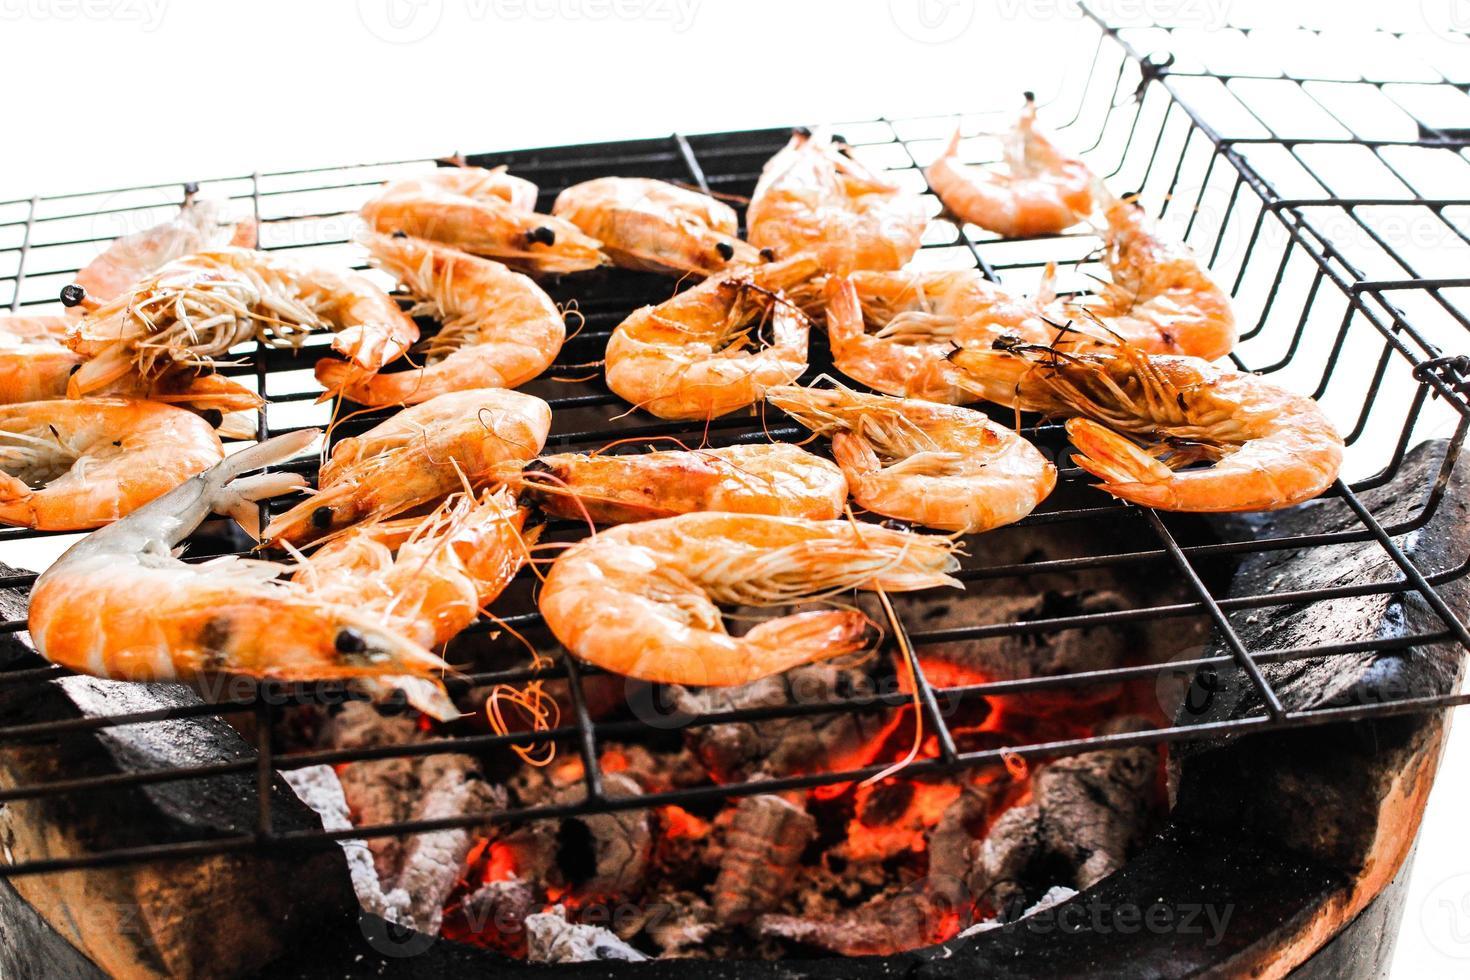 Meeresfrüchte köstliche gegrillte Garnelen, Garnelen mit heißen Flammen im Hintergrund foto